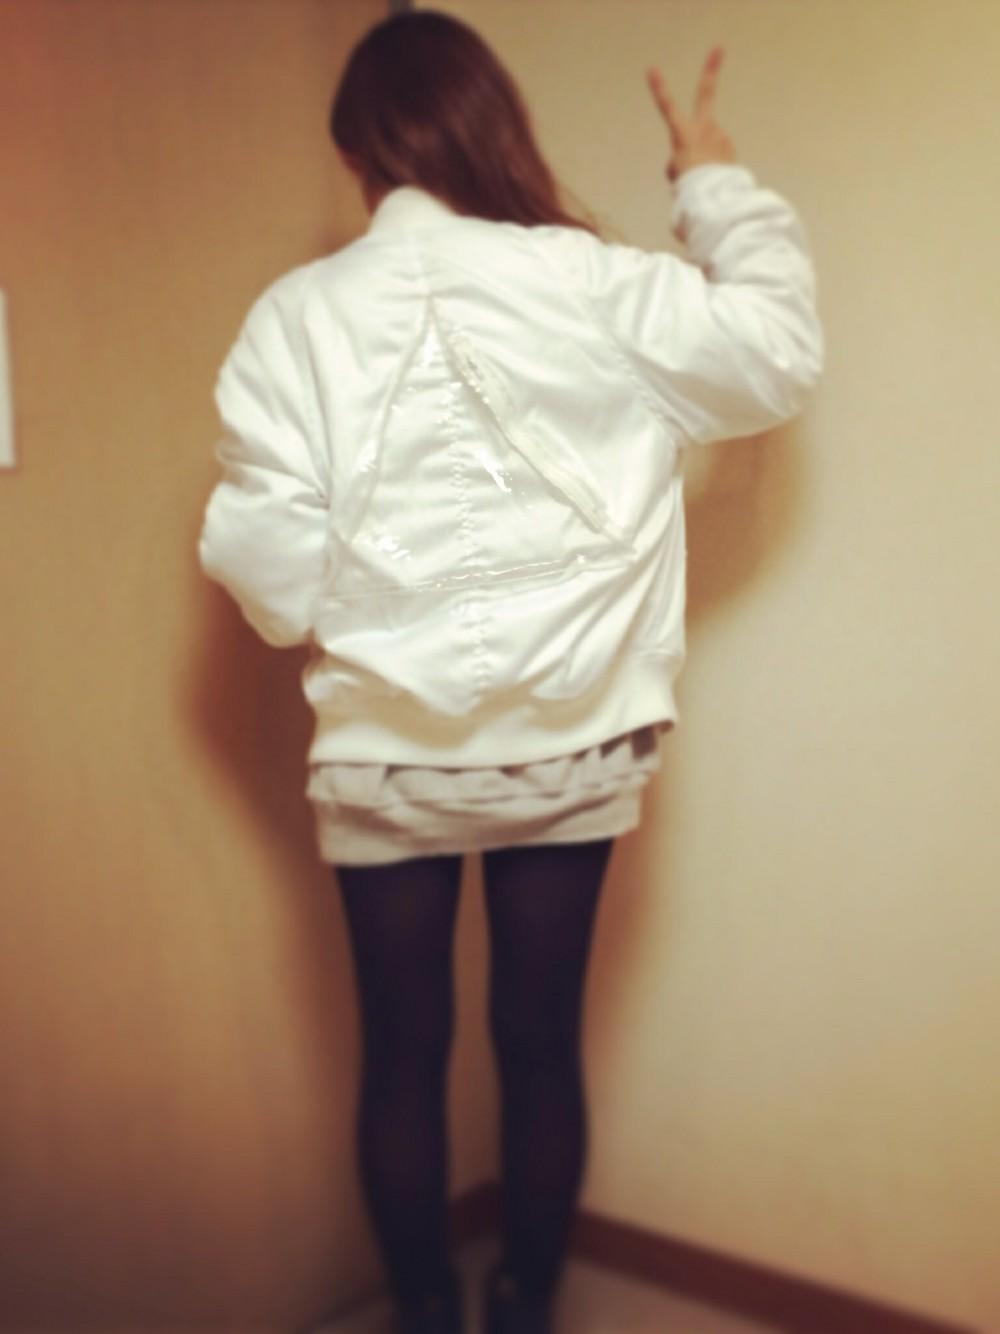 今季のトレンド『デニム素材』!高橋愛さんは、ロングのデニムスカートに、白のMA-1